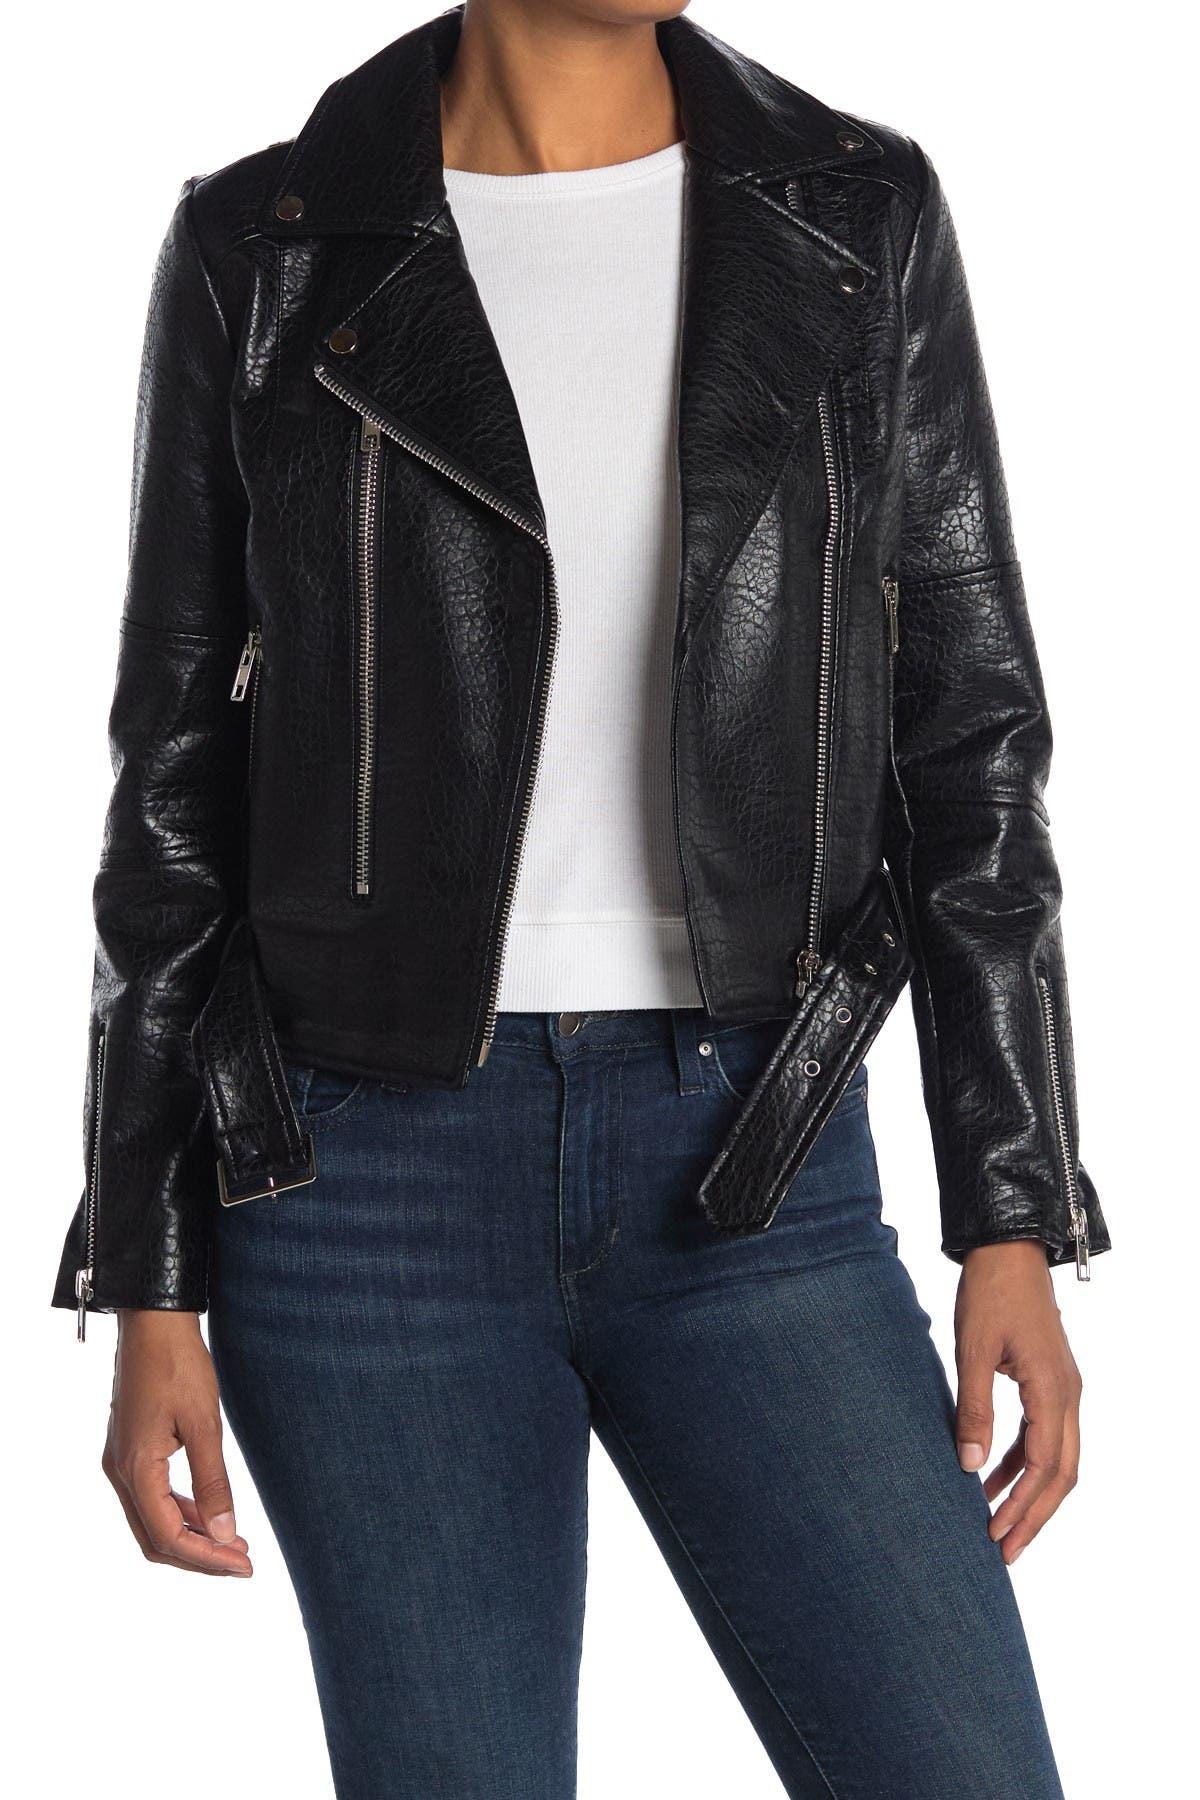 Image of NOIZE Meghan Vegan Leather Belted Jacket